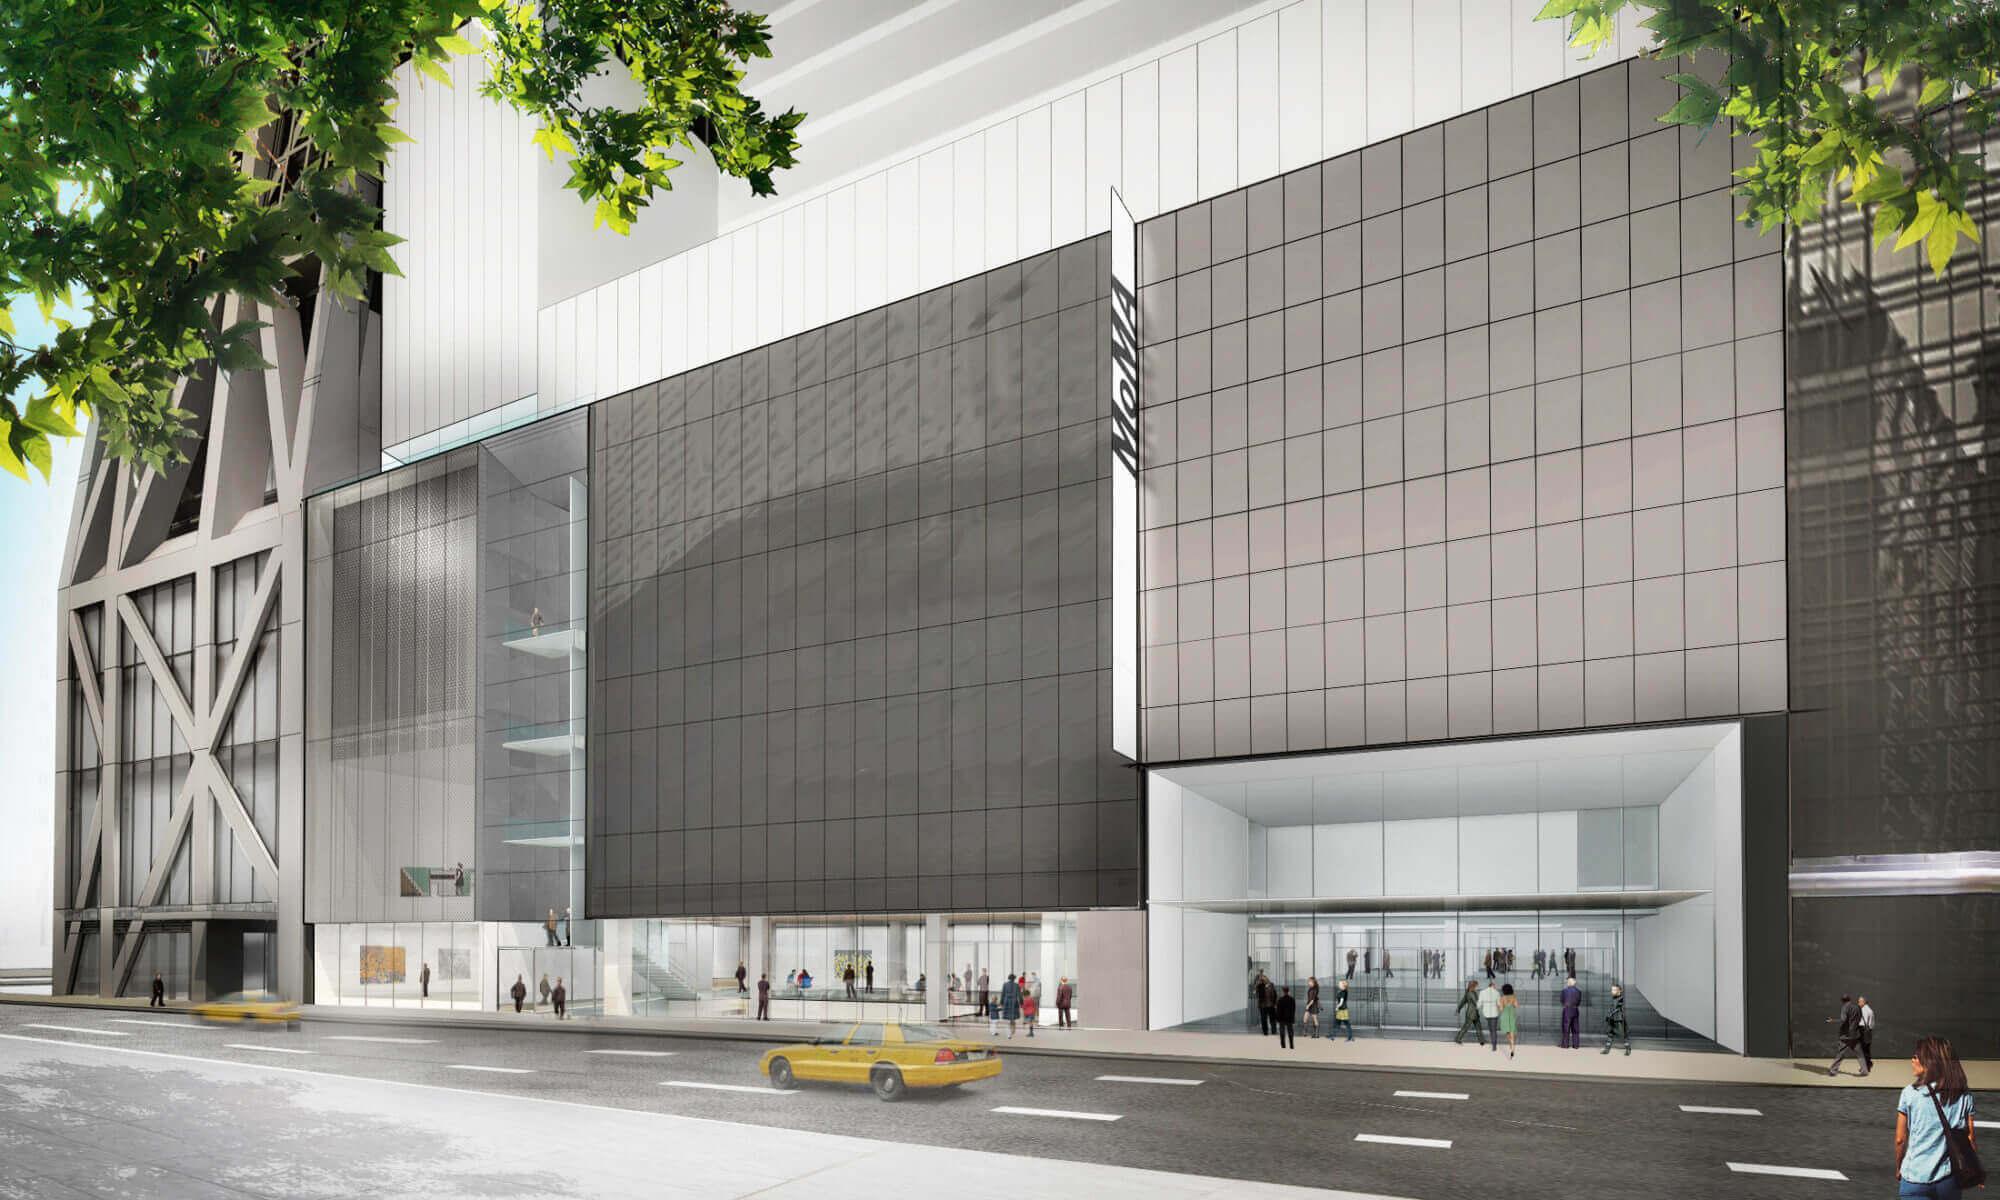 MoMA cierra sus puertas por remodelación y expansión